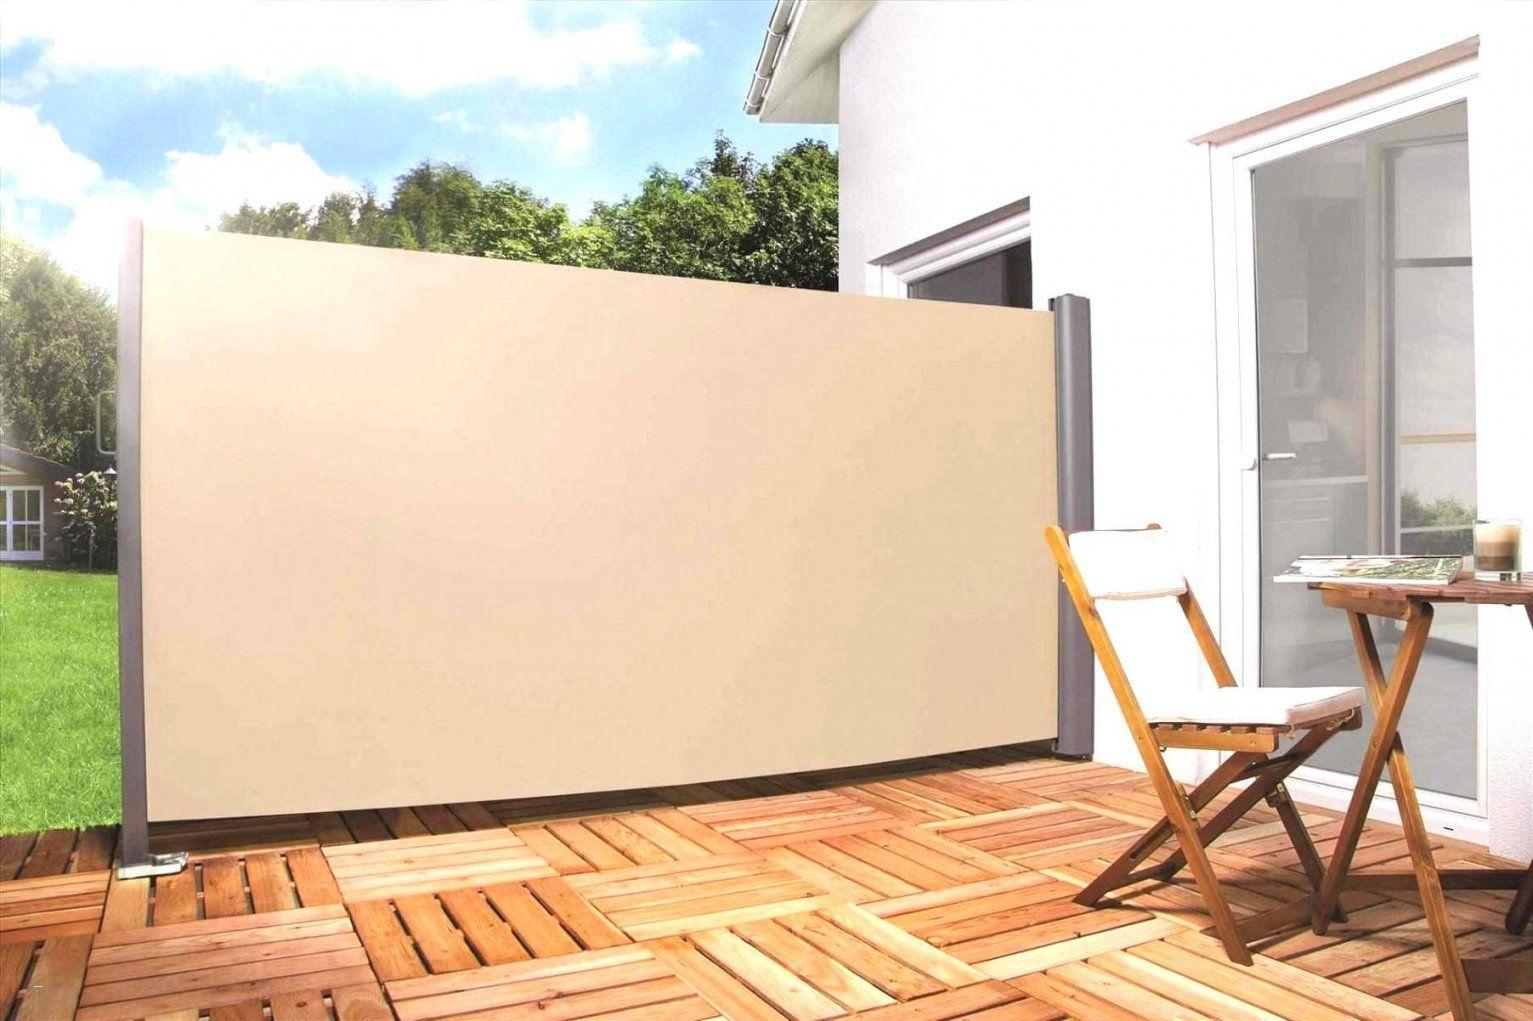 16 Inspirierend Terrasse Sichtschutz Selber Bauen  Greendmv von Terrassen Sichtschutz Selber Bauen Bild